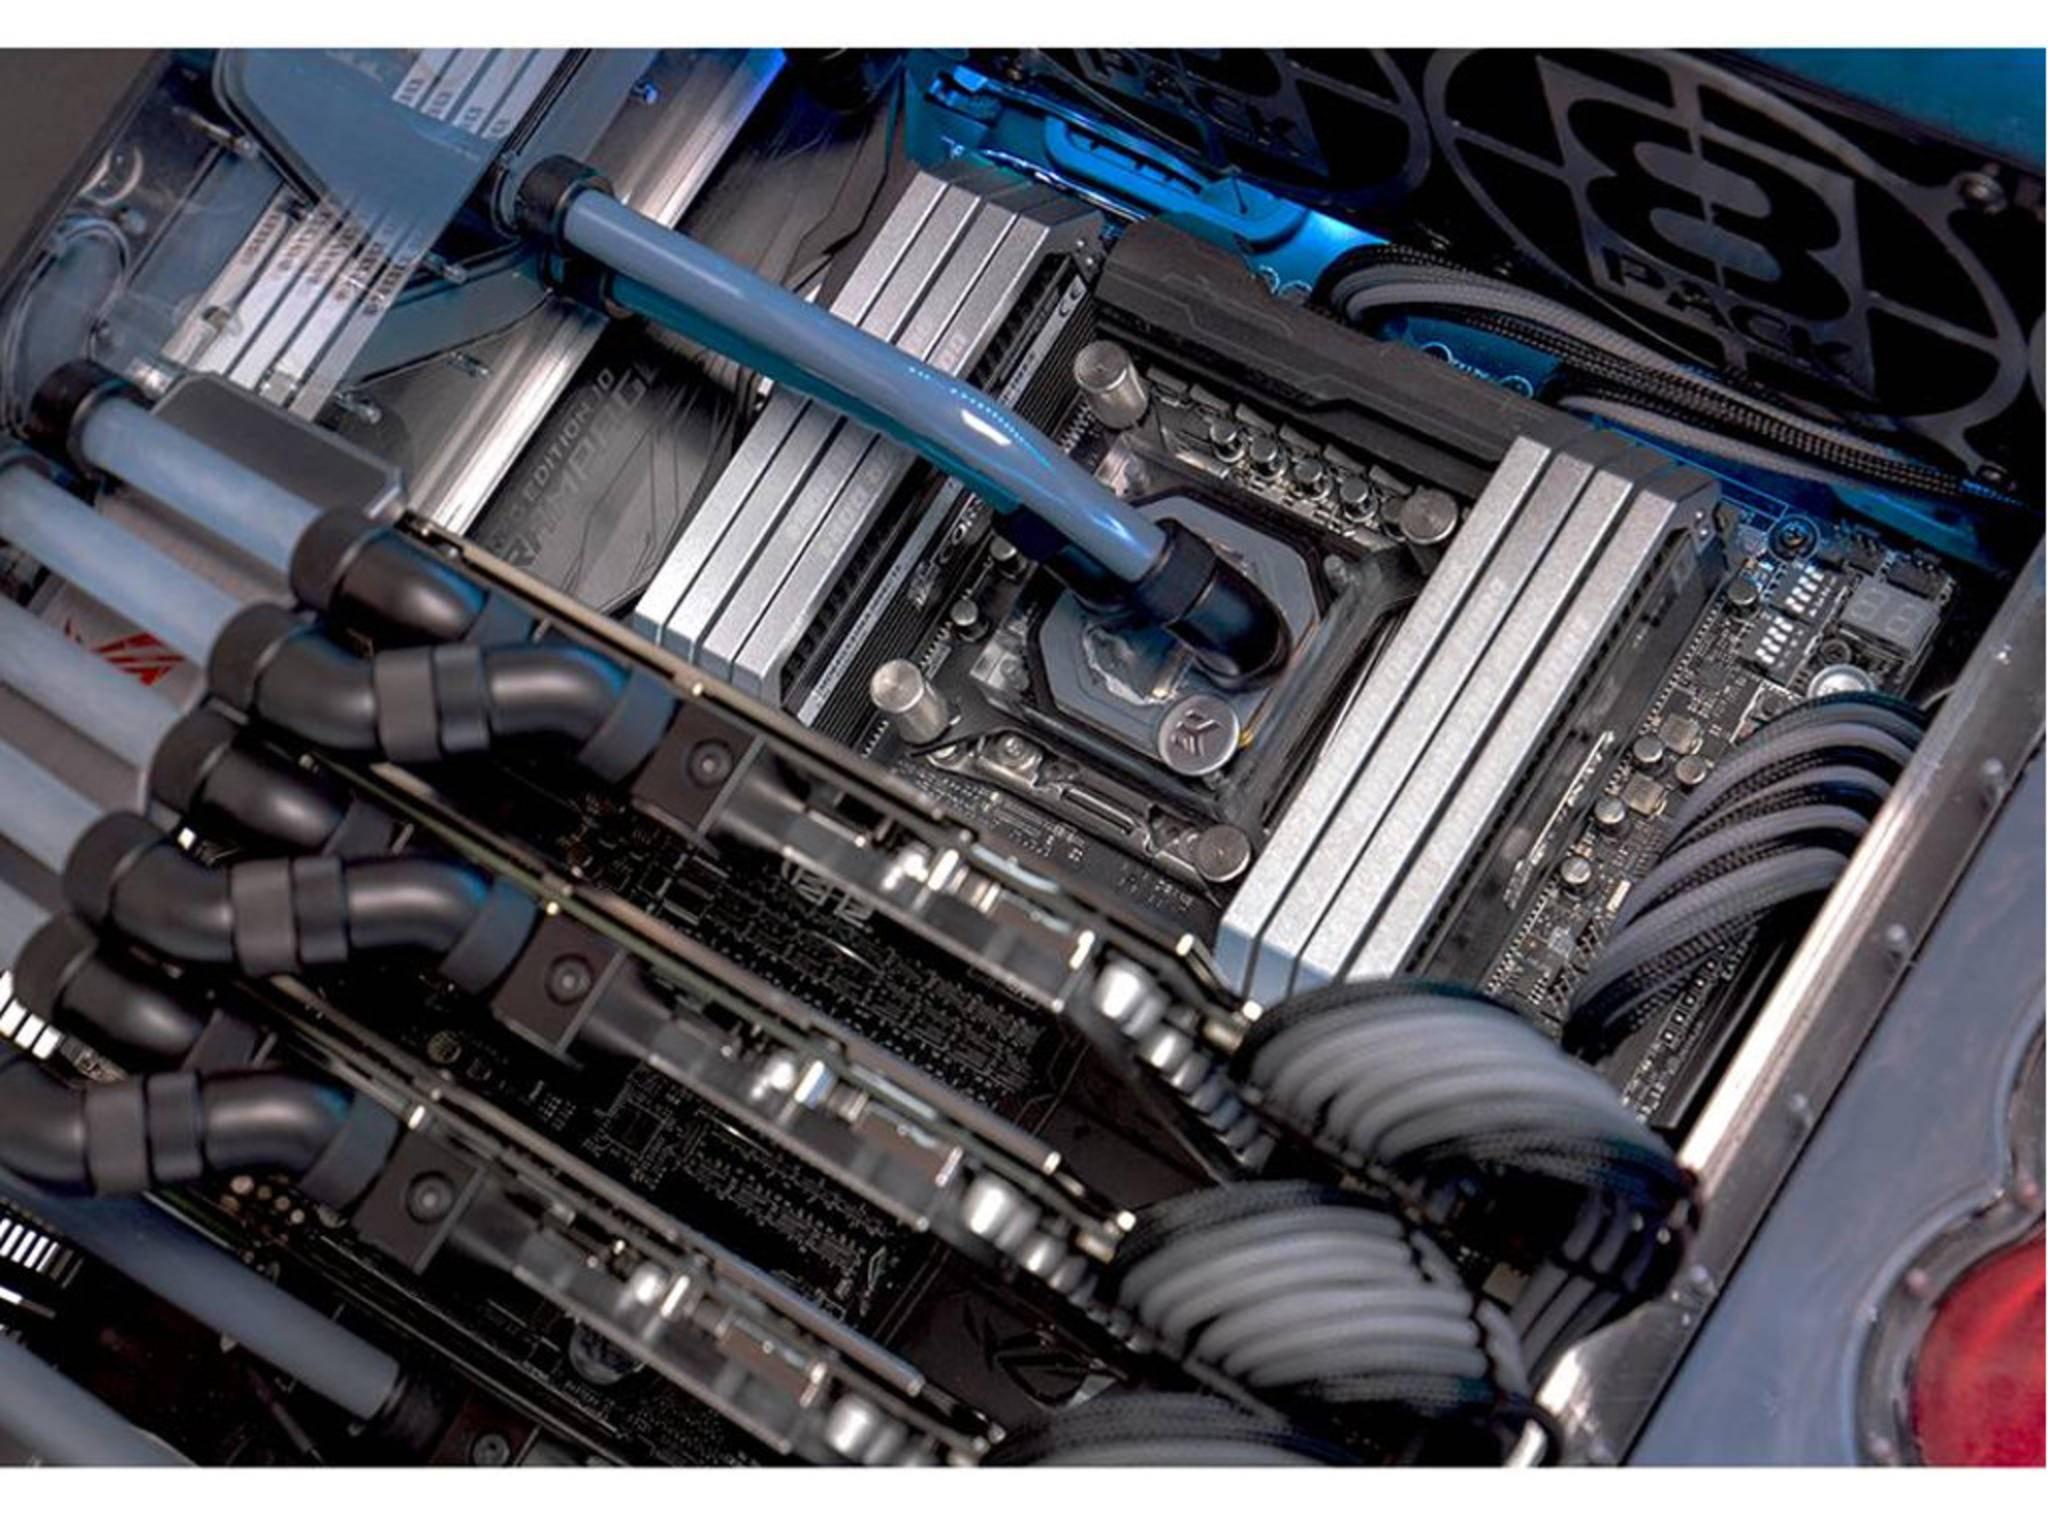 Der mächtige Prozessor hat seinen eigenen Kühlkreislauf.